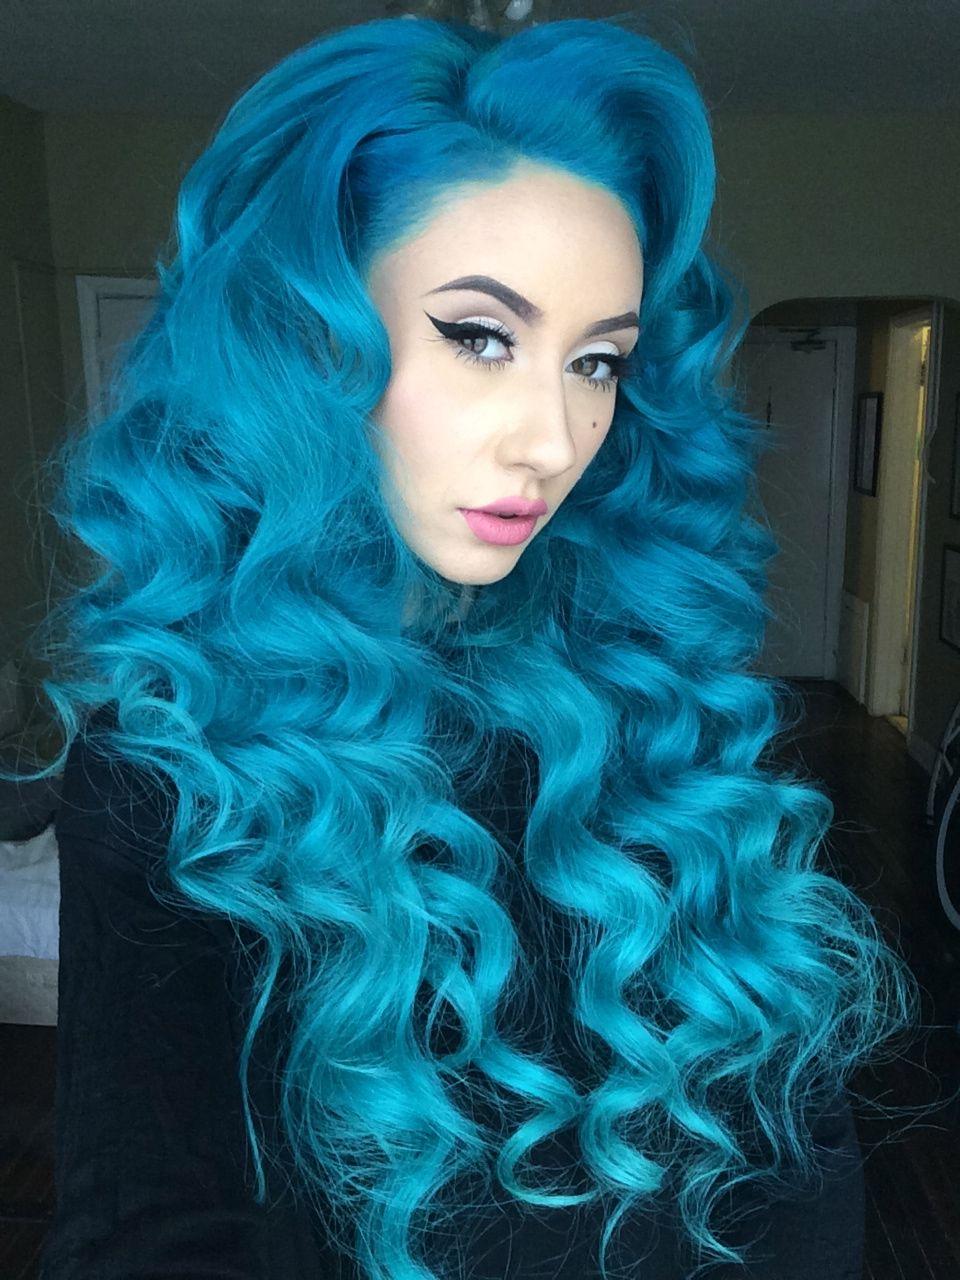 blue curly hair love